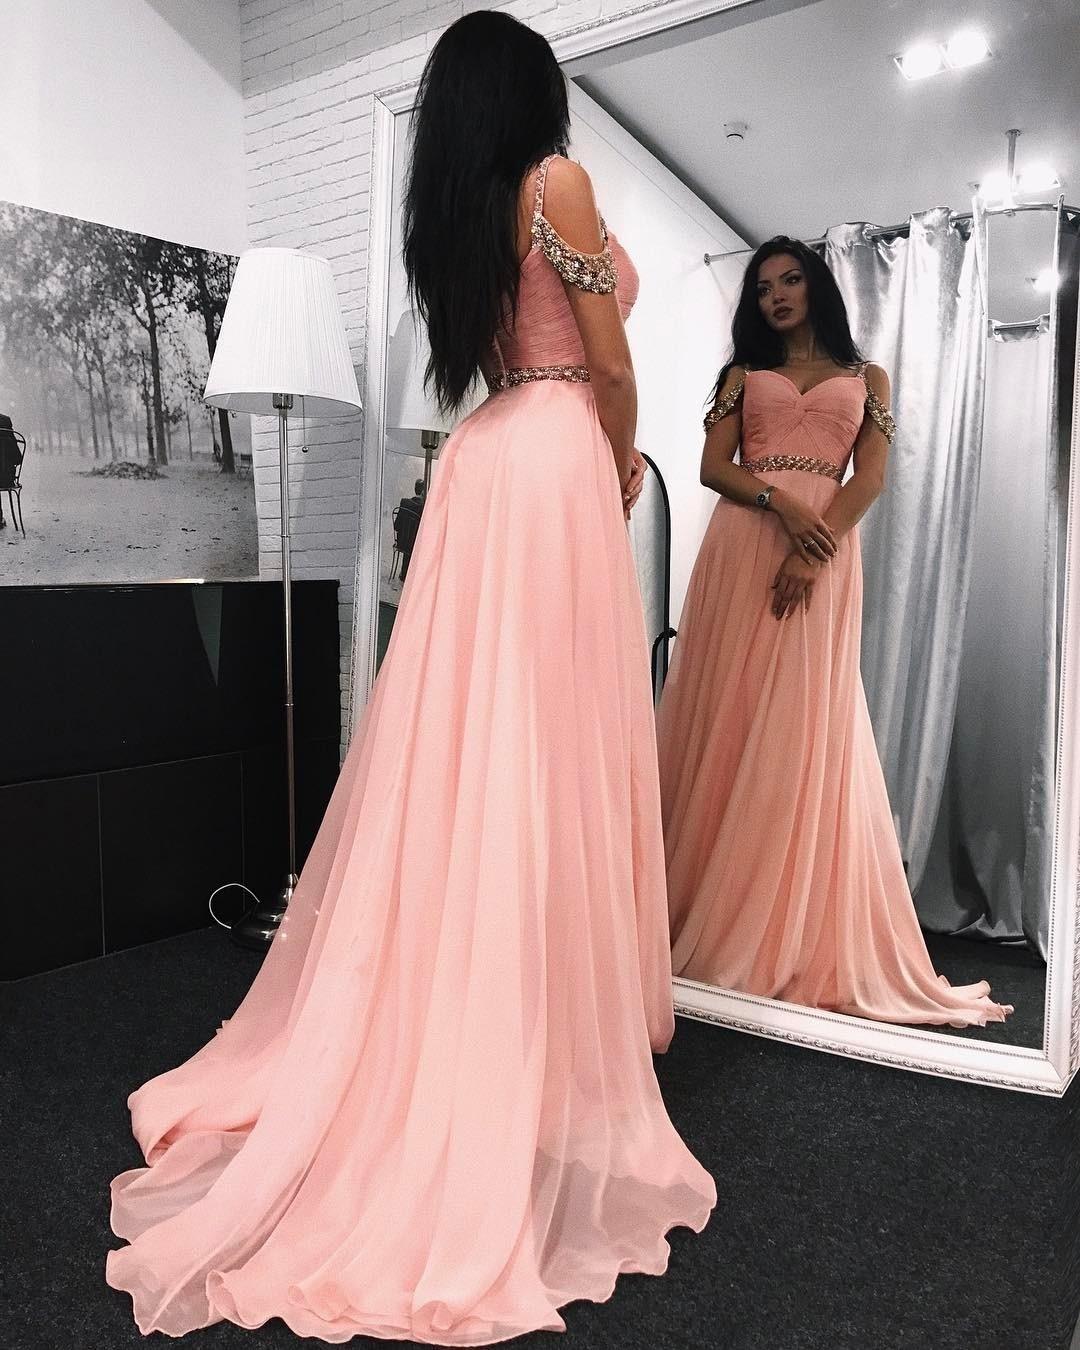 Abendkleider lang rosa glitzer - Beliebte kurze kleider